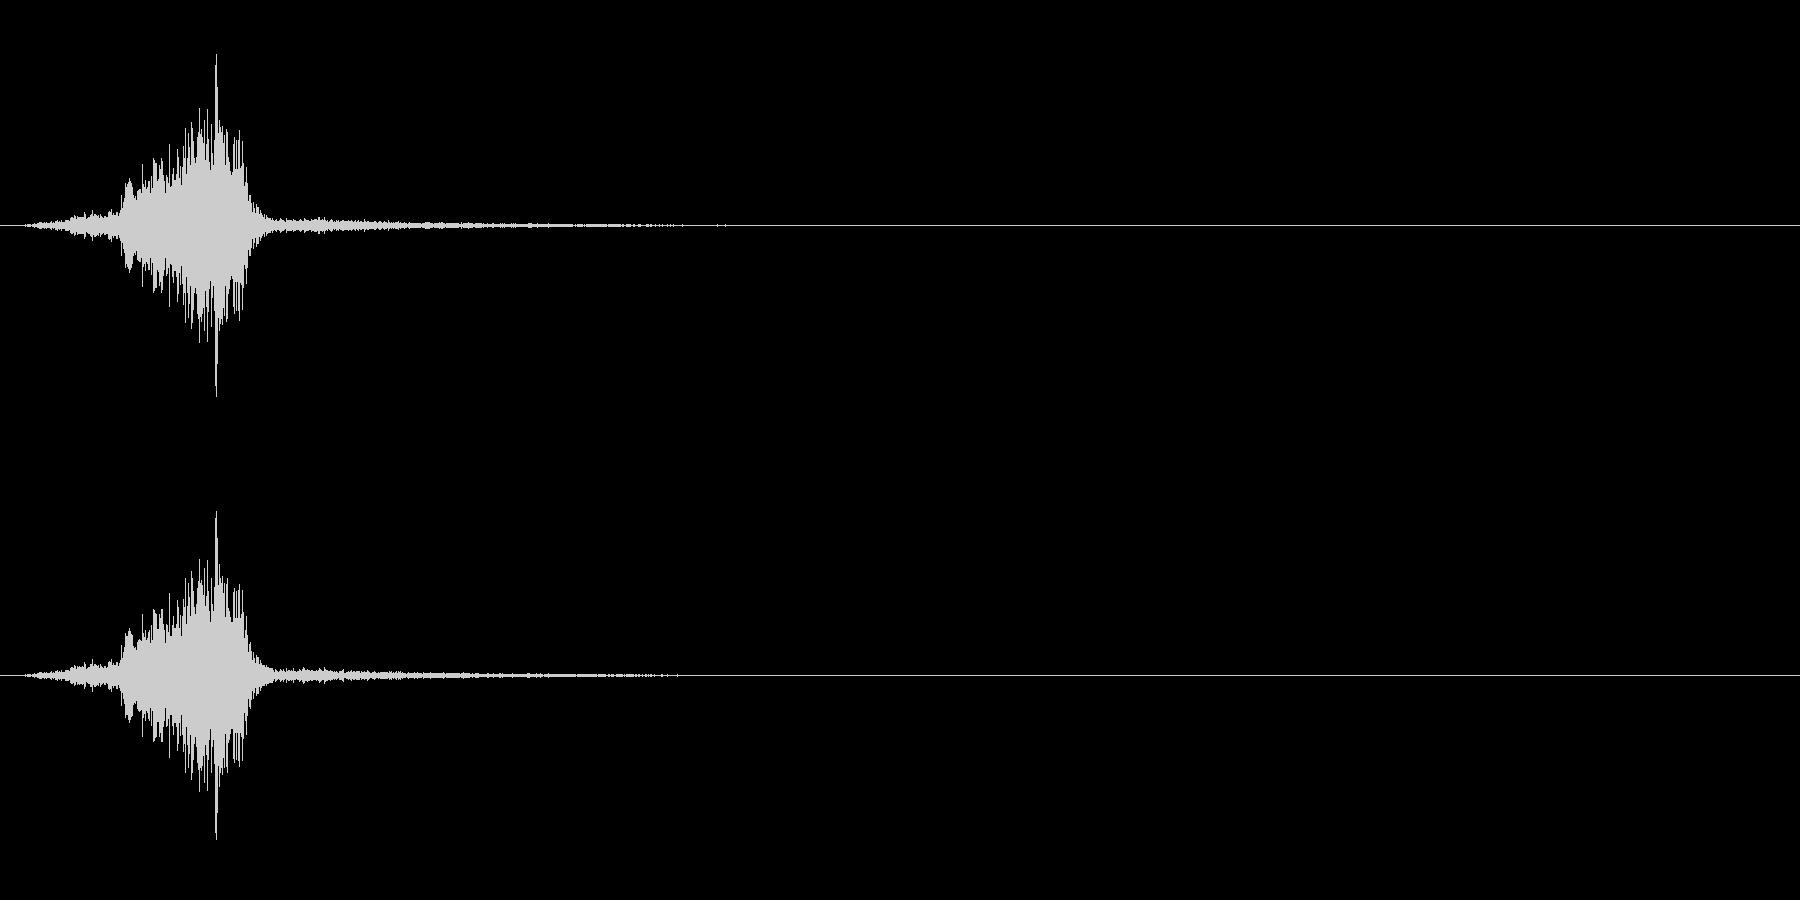 スライド/選択/シュッ/金属音の未再生の波形